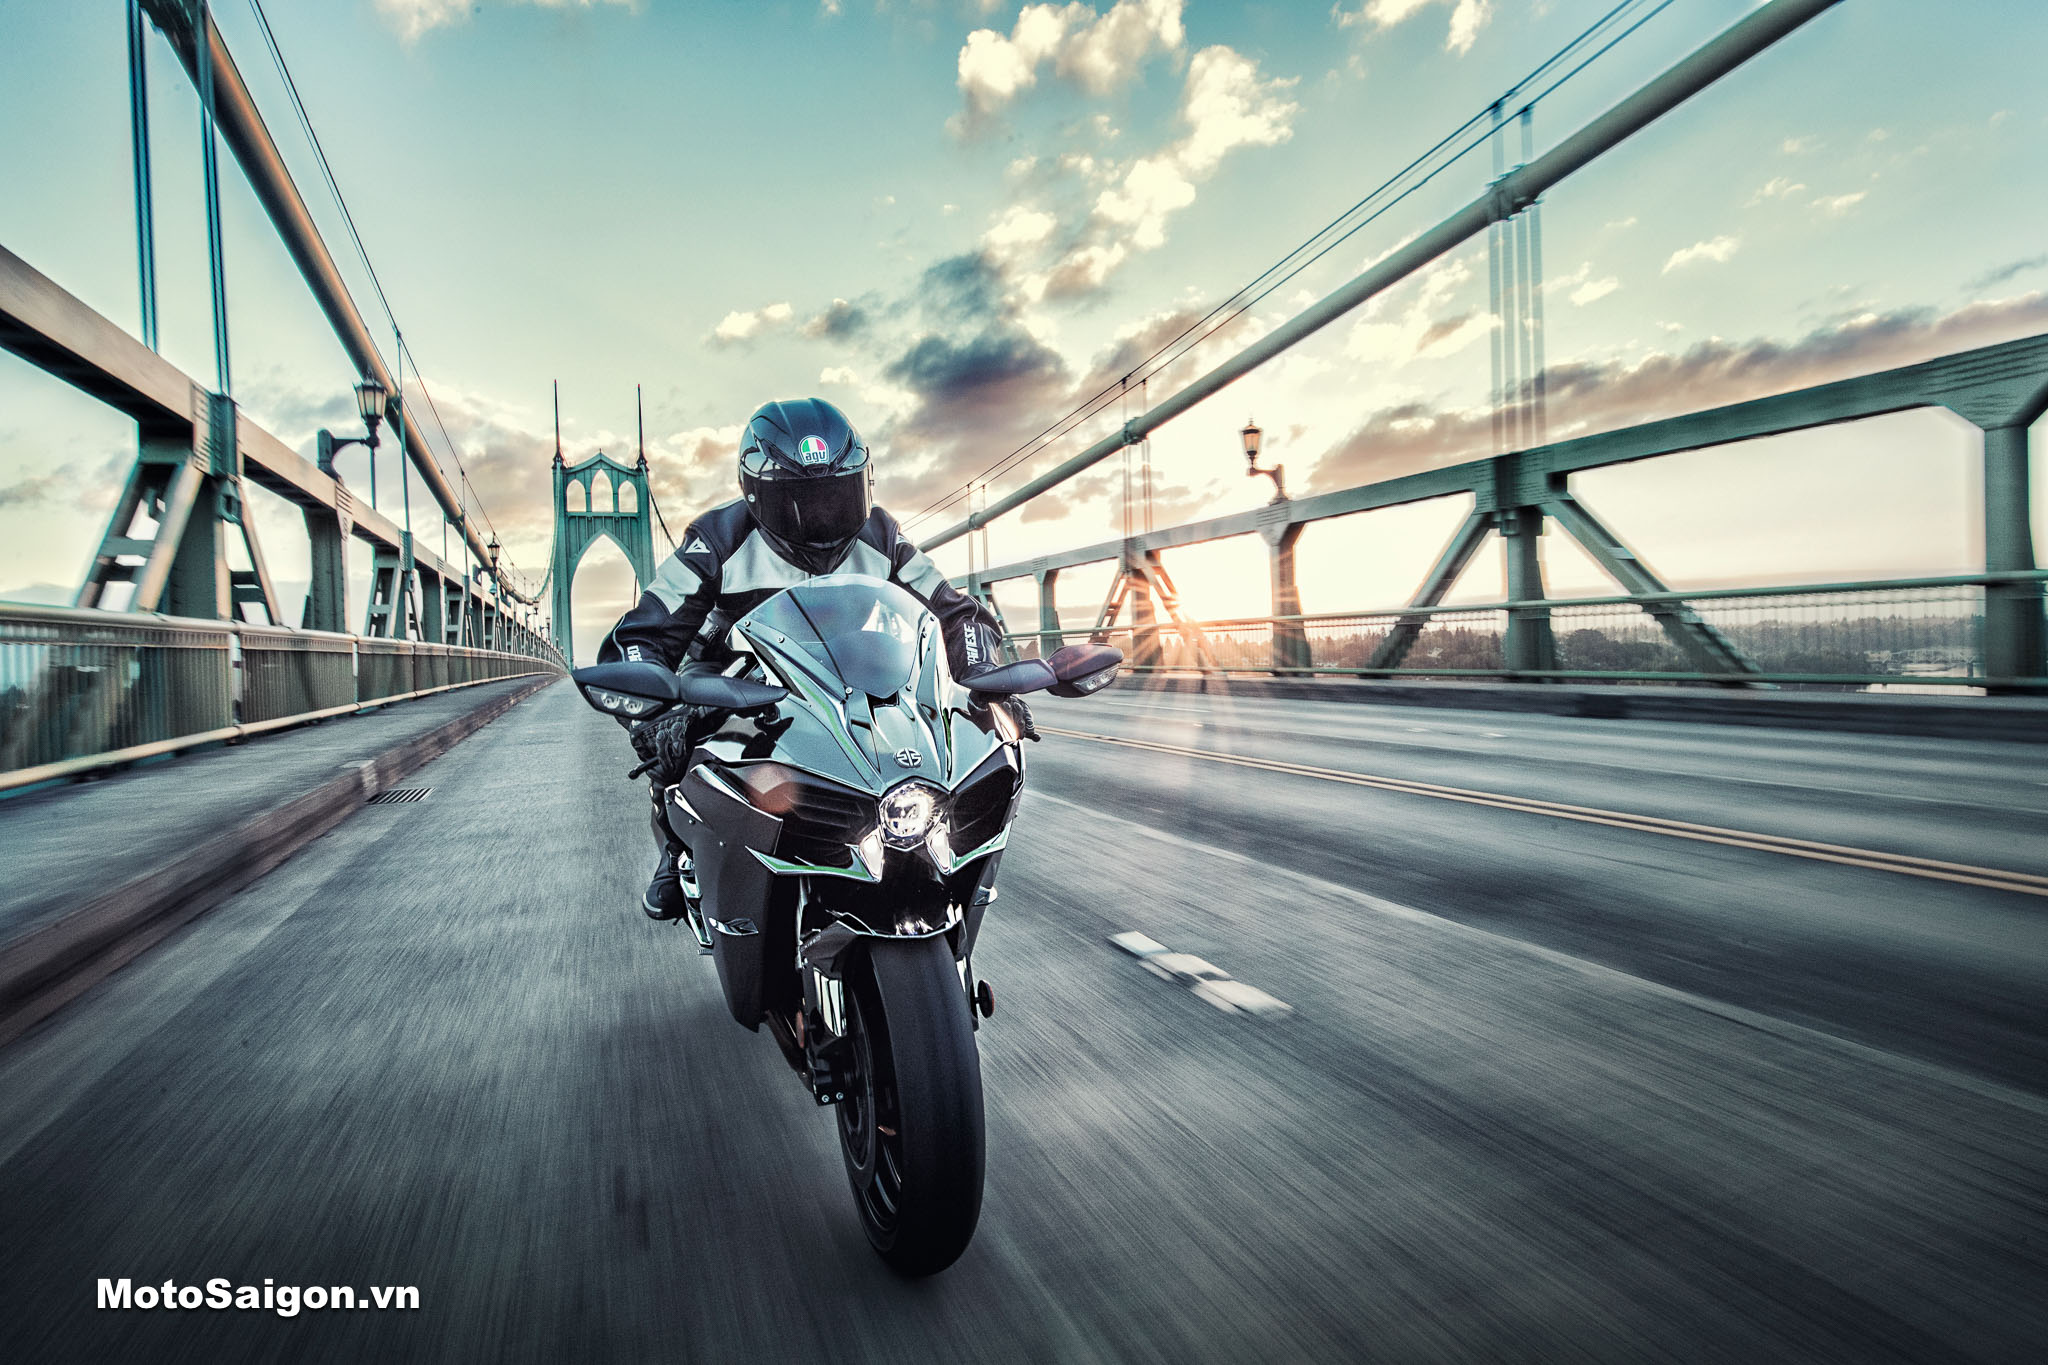 Kawasaki Ninja H2 Carbon 2021 ABS phiên bản mới đã có giá bán